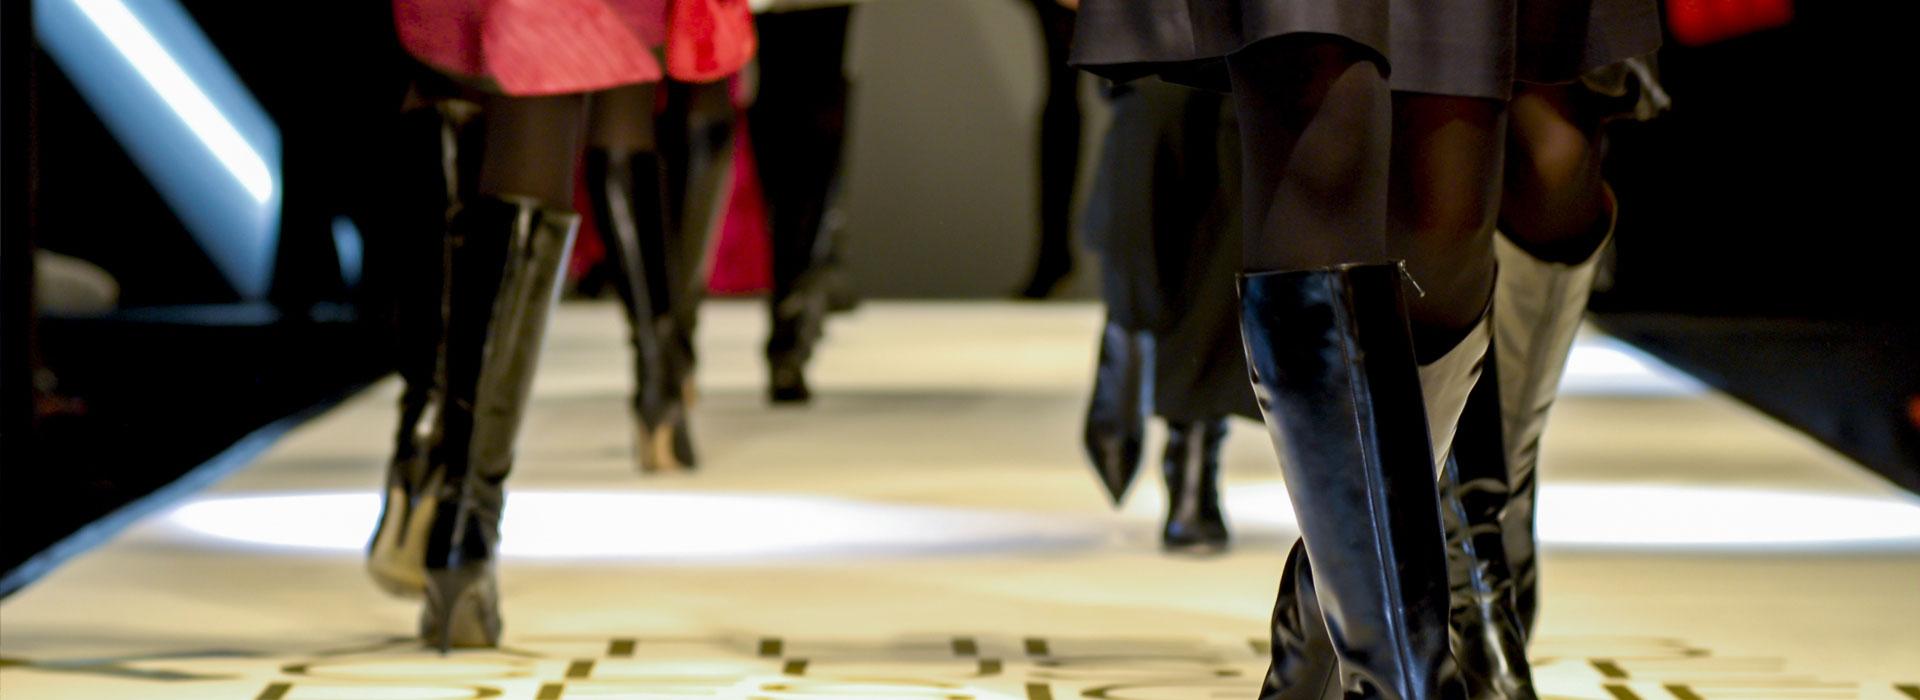 abbigliamento moda donna bs